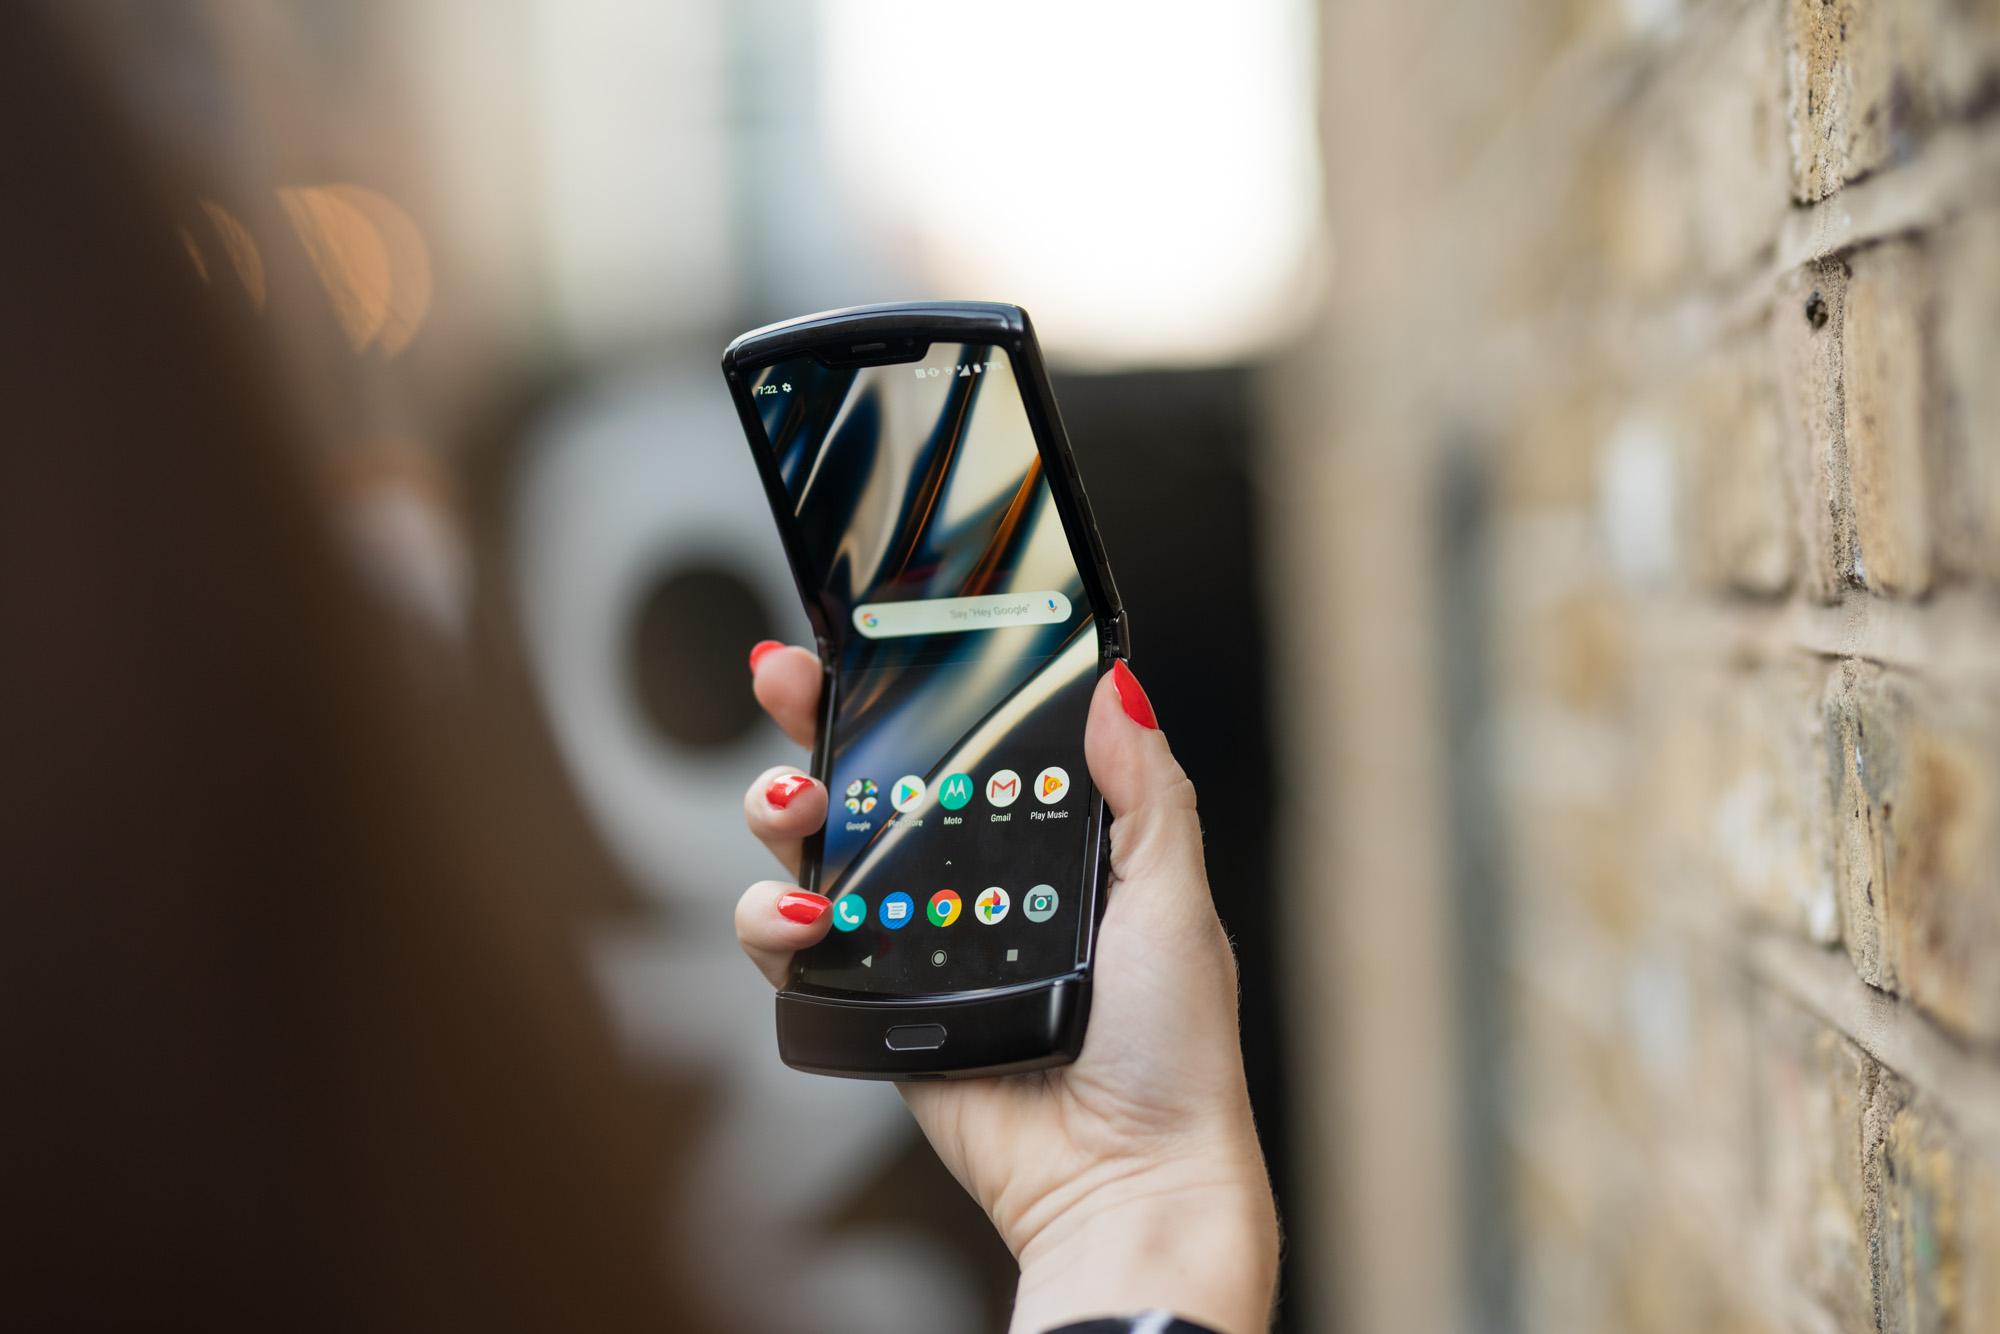 Motorola Razr-en zain al zaude?  Albiste txar batzuk ditugu: salmenten atzerapena